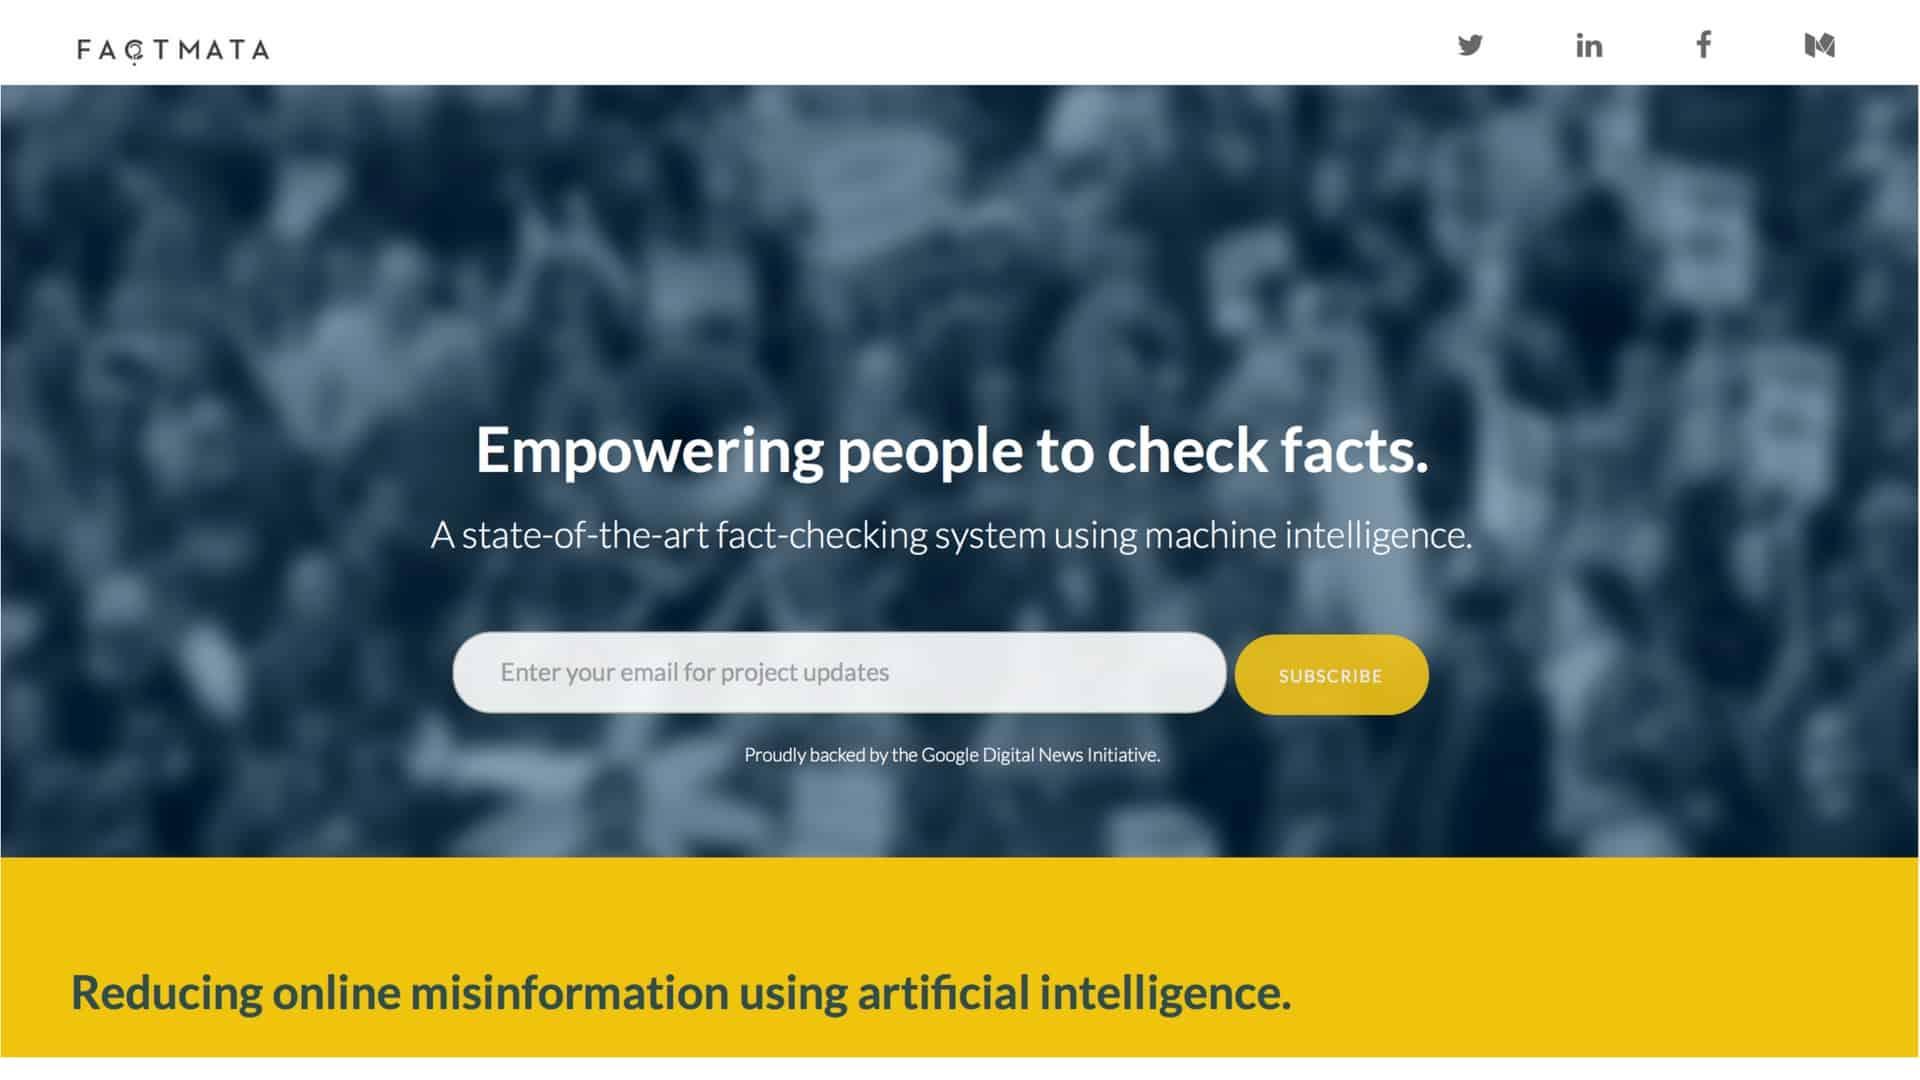 Factmata-sztuczna-inteligencja